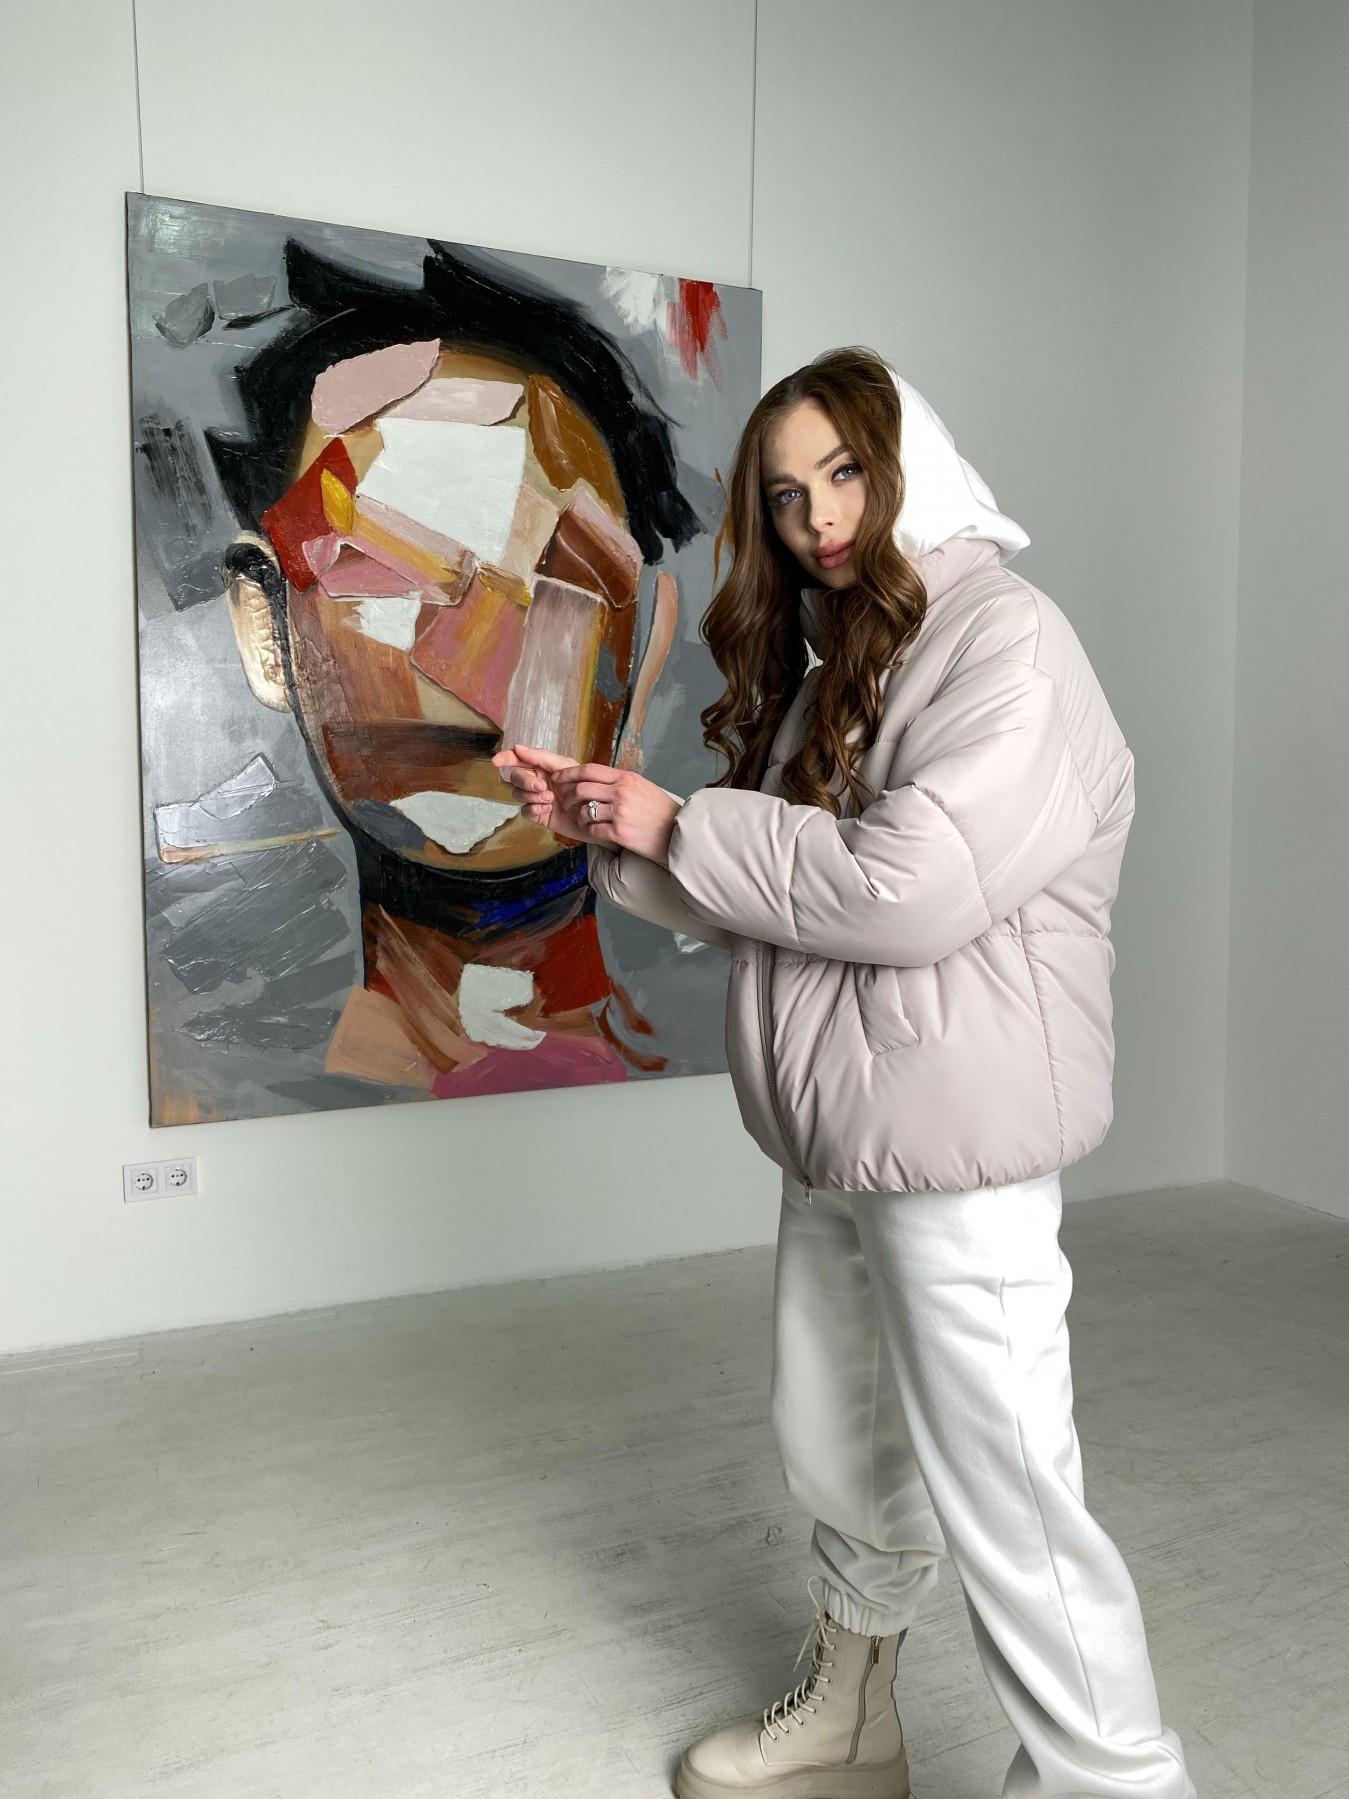 Муд куртка из плащевой ткани 10509 АРТ. 46853 Цвет: Бежевый 511 - фото 6, интернет магазин tm-modus.ru